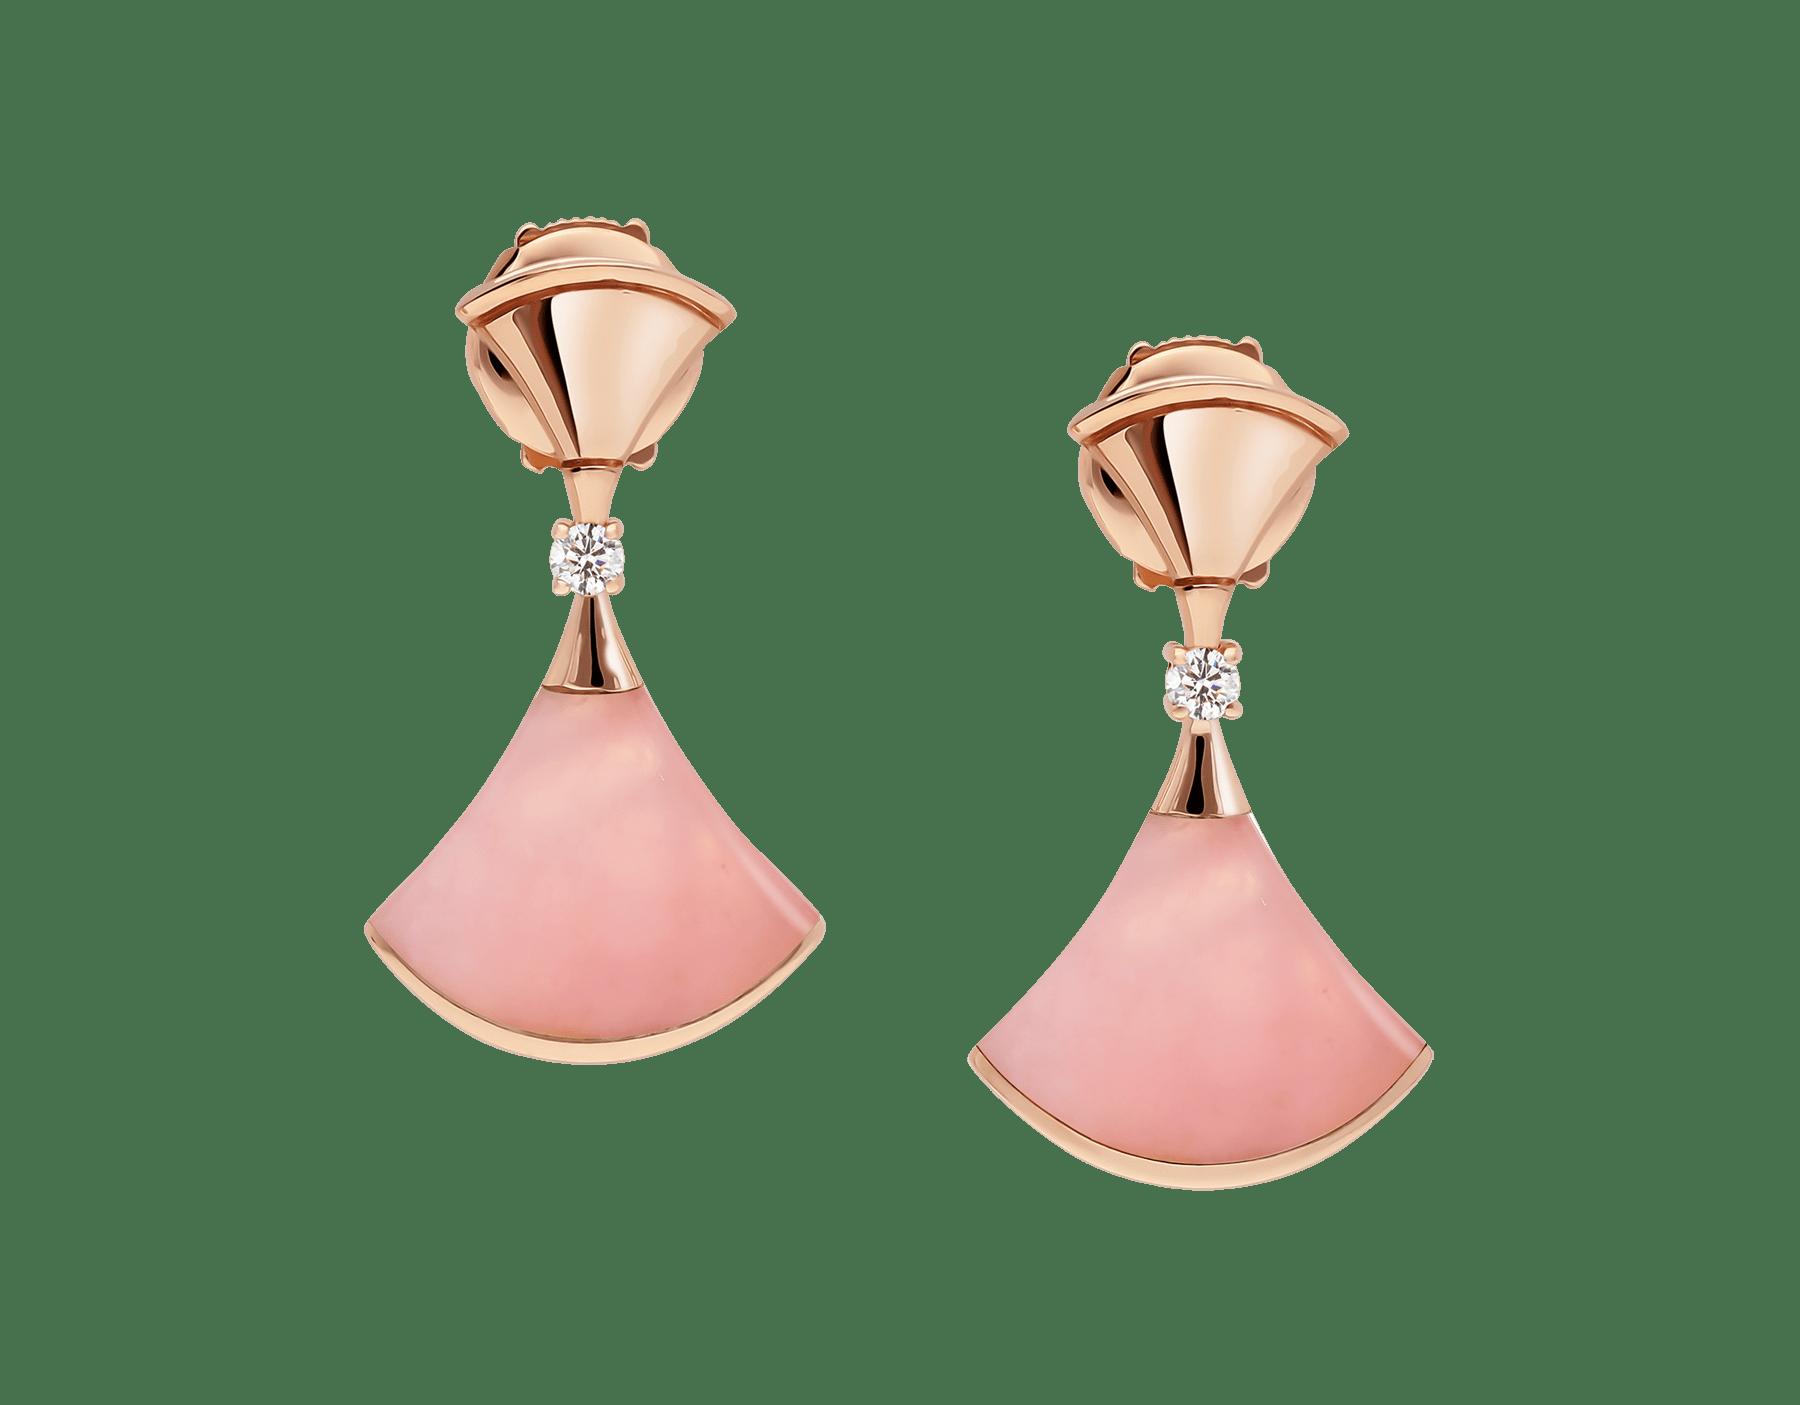 日本先行発売のディーヴァ ドリーム イヤリング。ピンクオパールのインサート、パヴェダイヤモンドをあしらった18Kピンクゴールド製。 357862 image 1